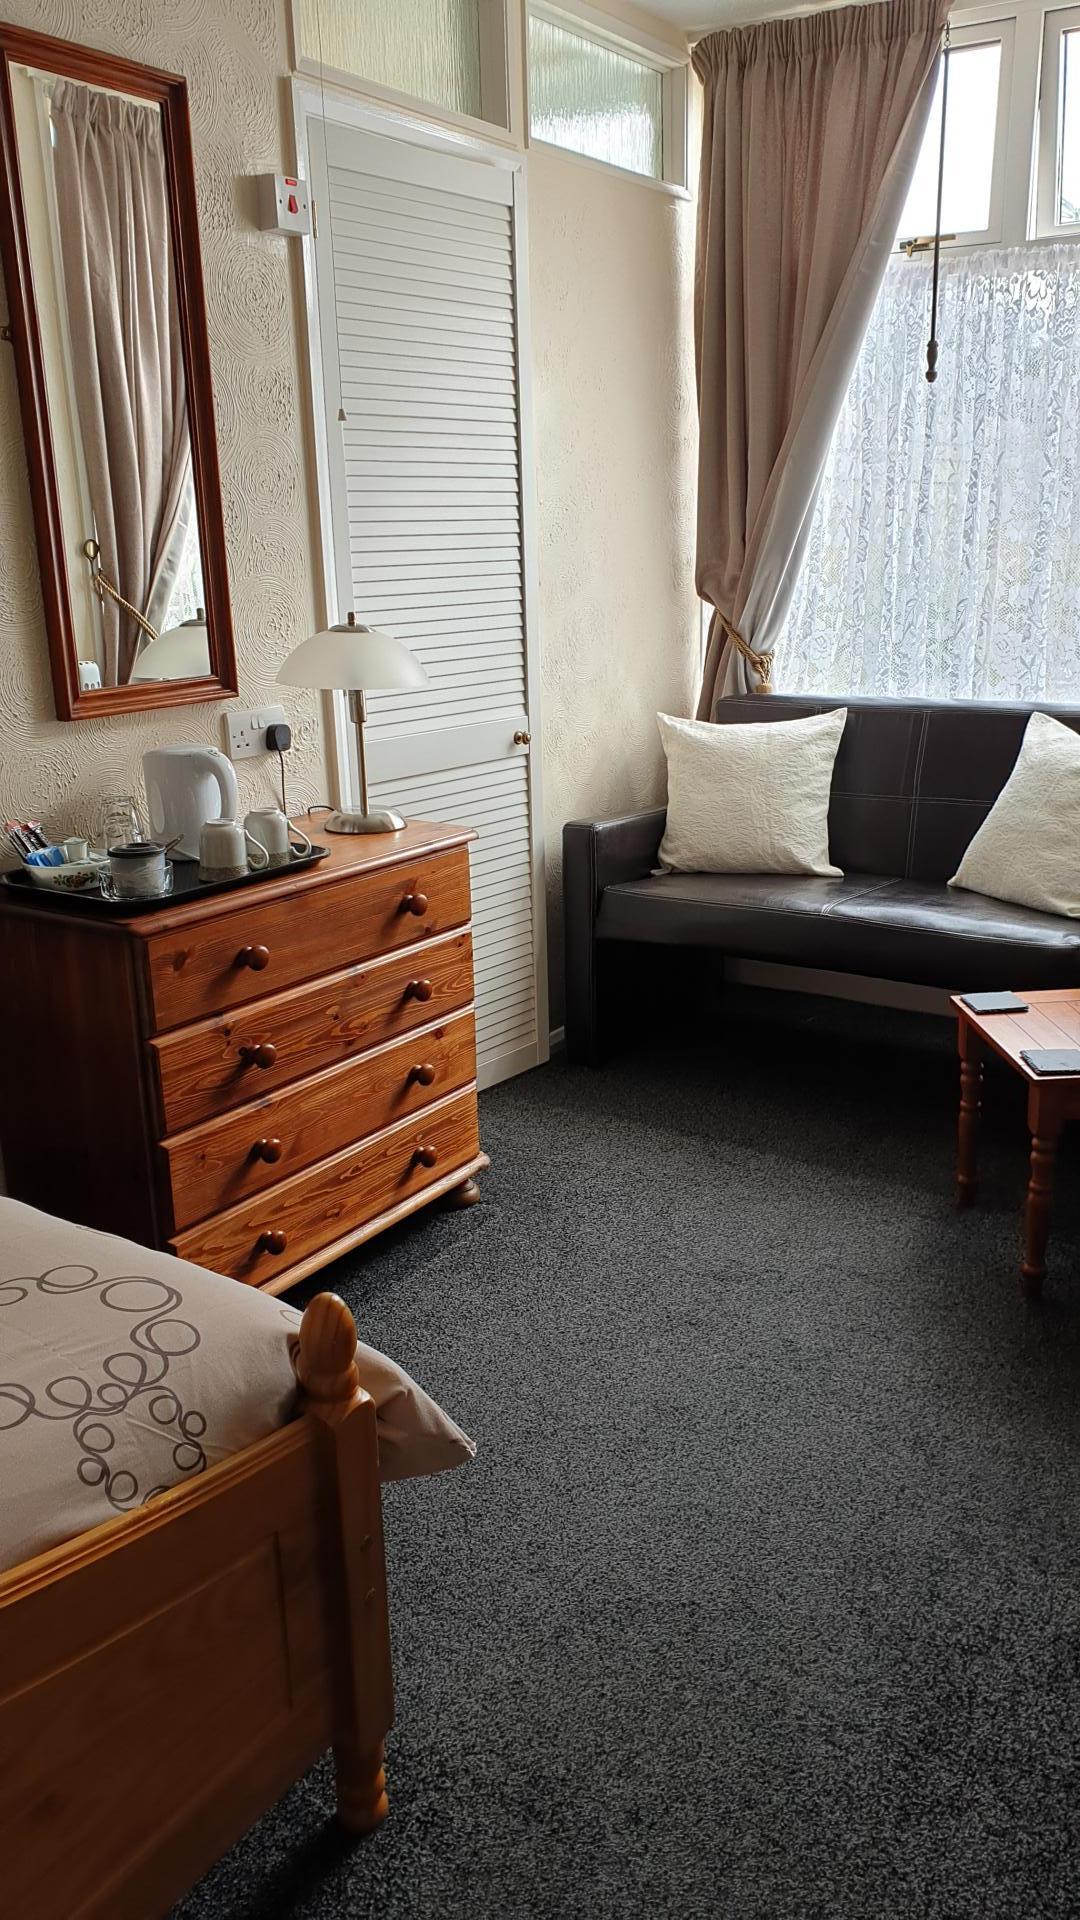 Double En-suite Room 5